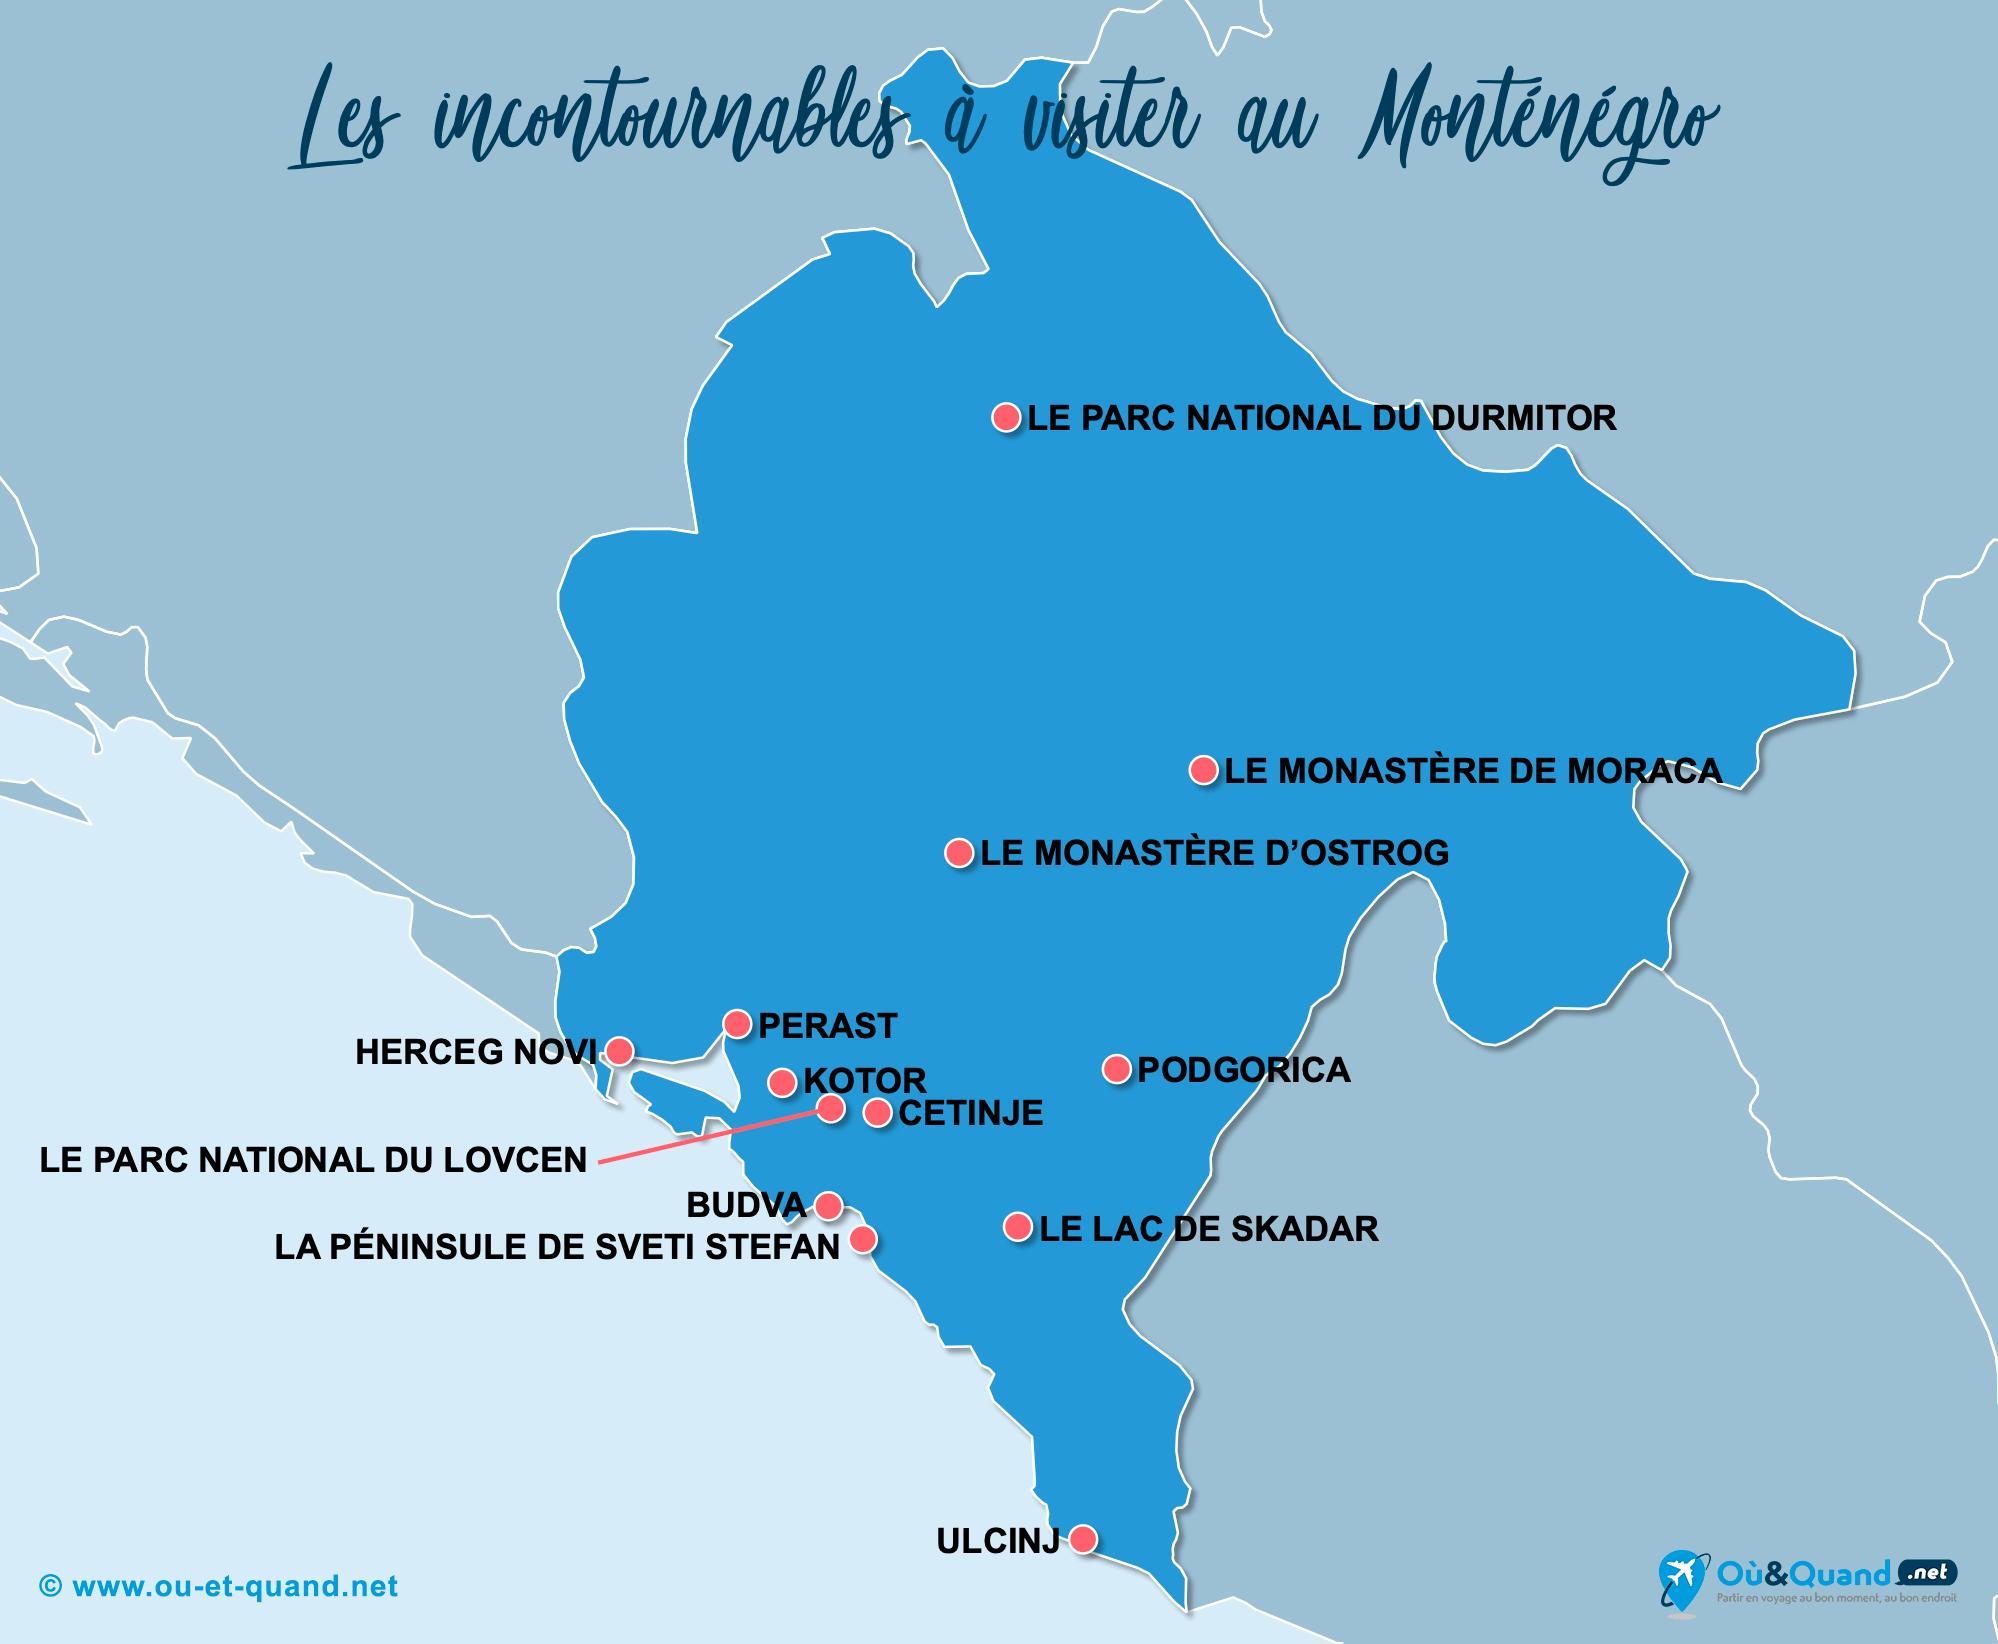 Carte Monténégro : Les lieux incontournables au Monténégro